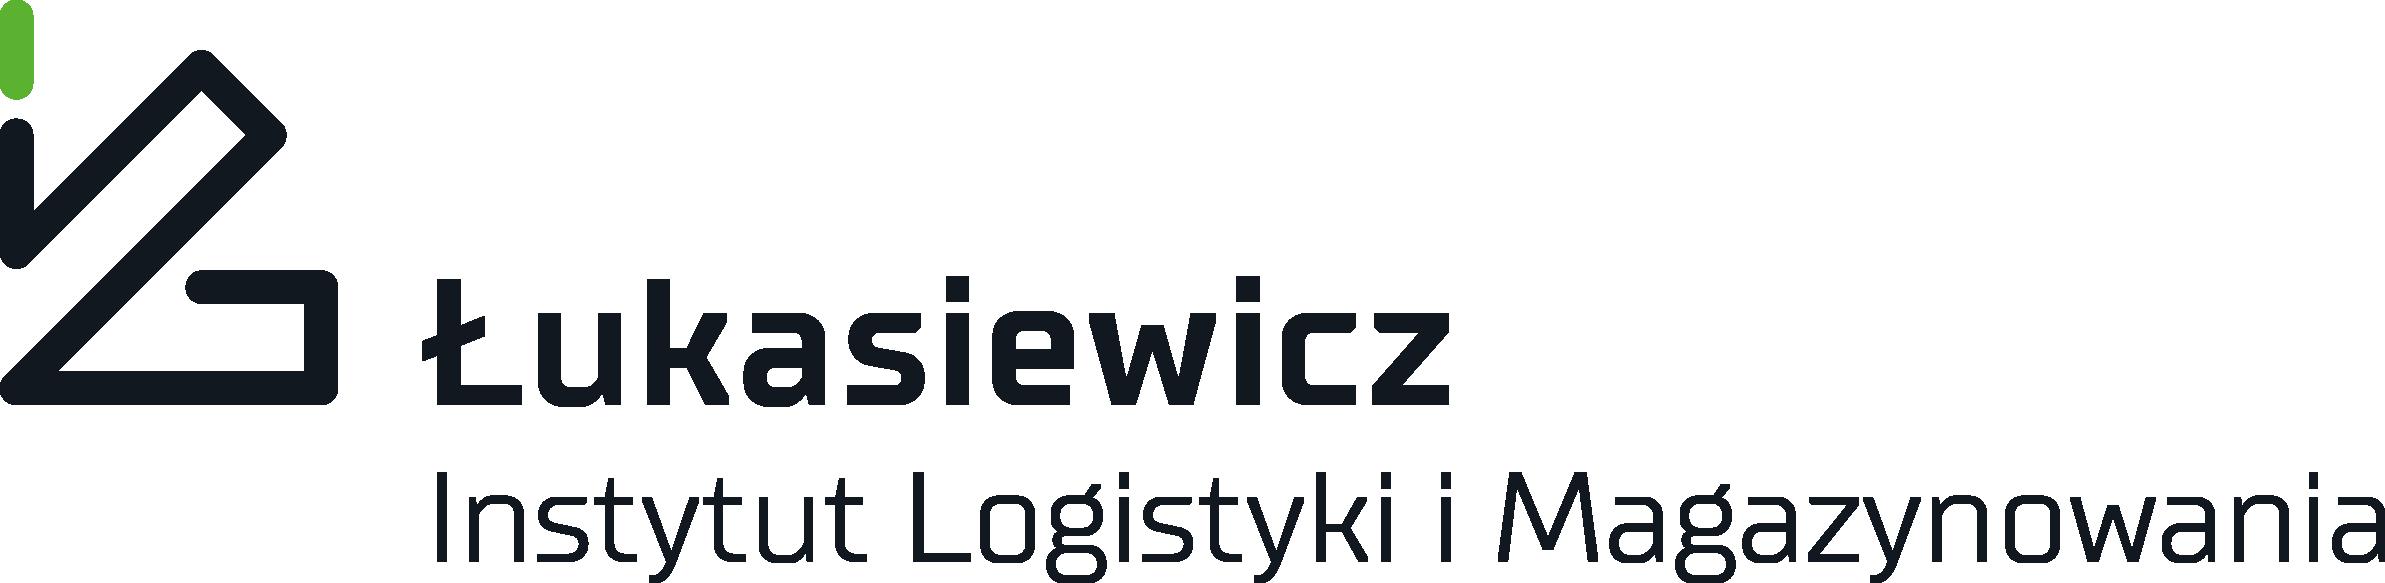 Sieć Badawcza Łukasiewicz – Instytut Logistyki i Magazynowania